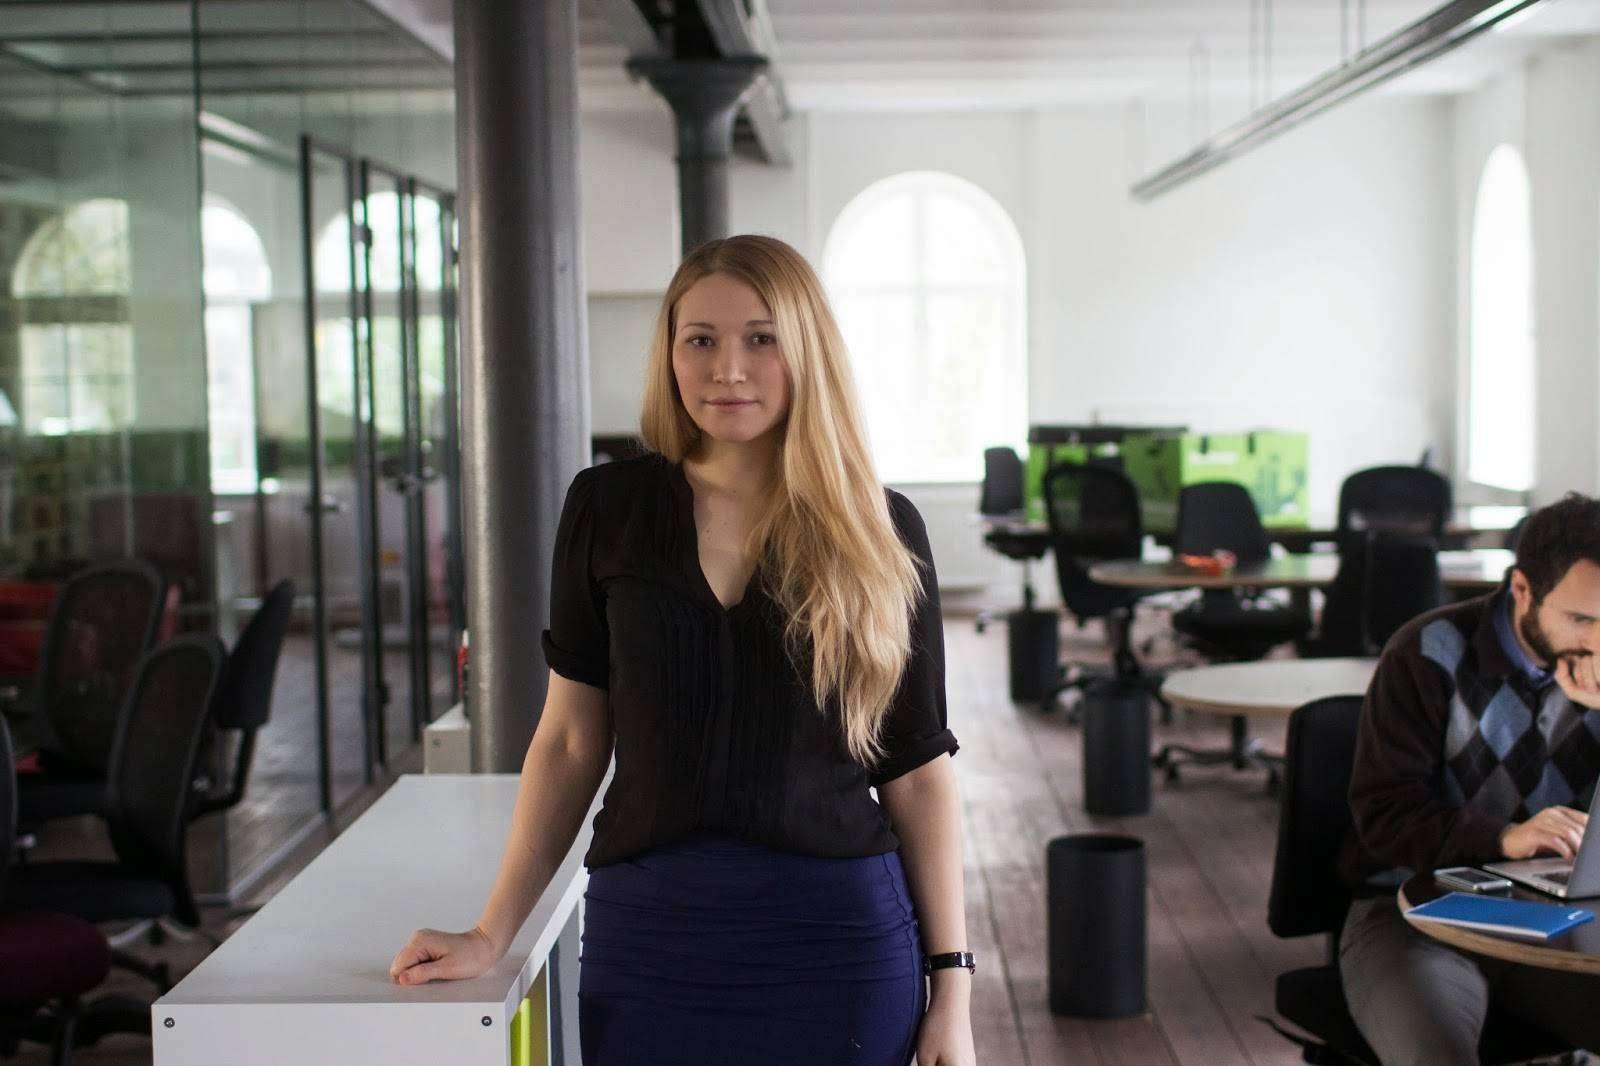 Гульназ Хусаинова — история успеха Easysize, он-лайн сервиса по определению размера одежды